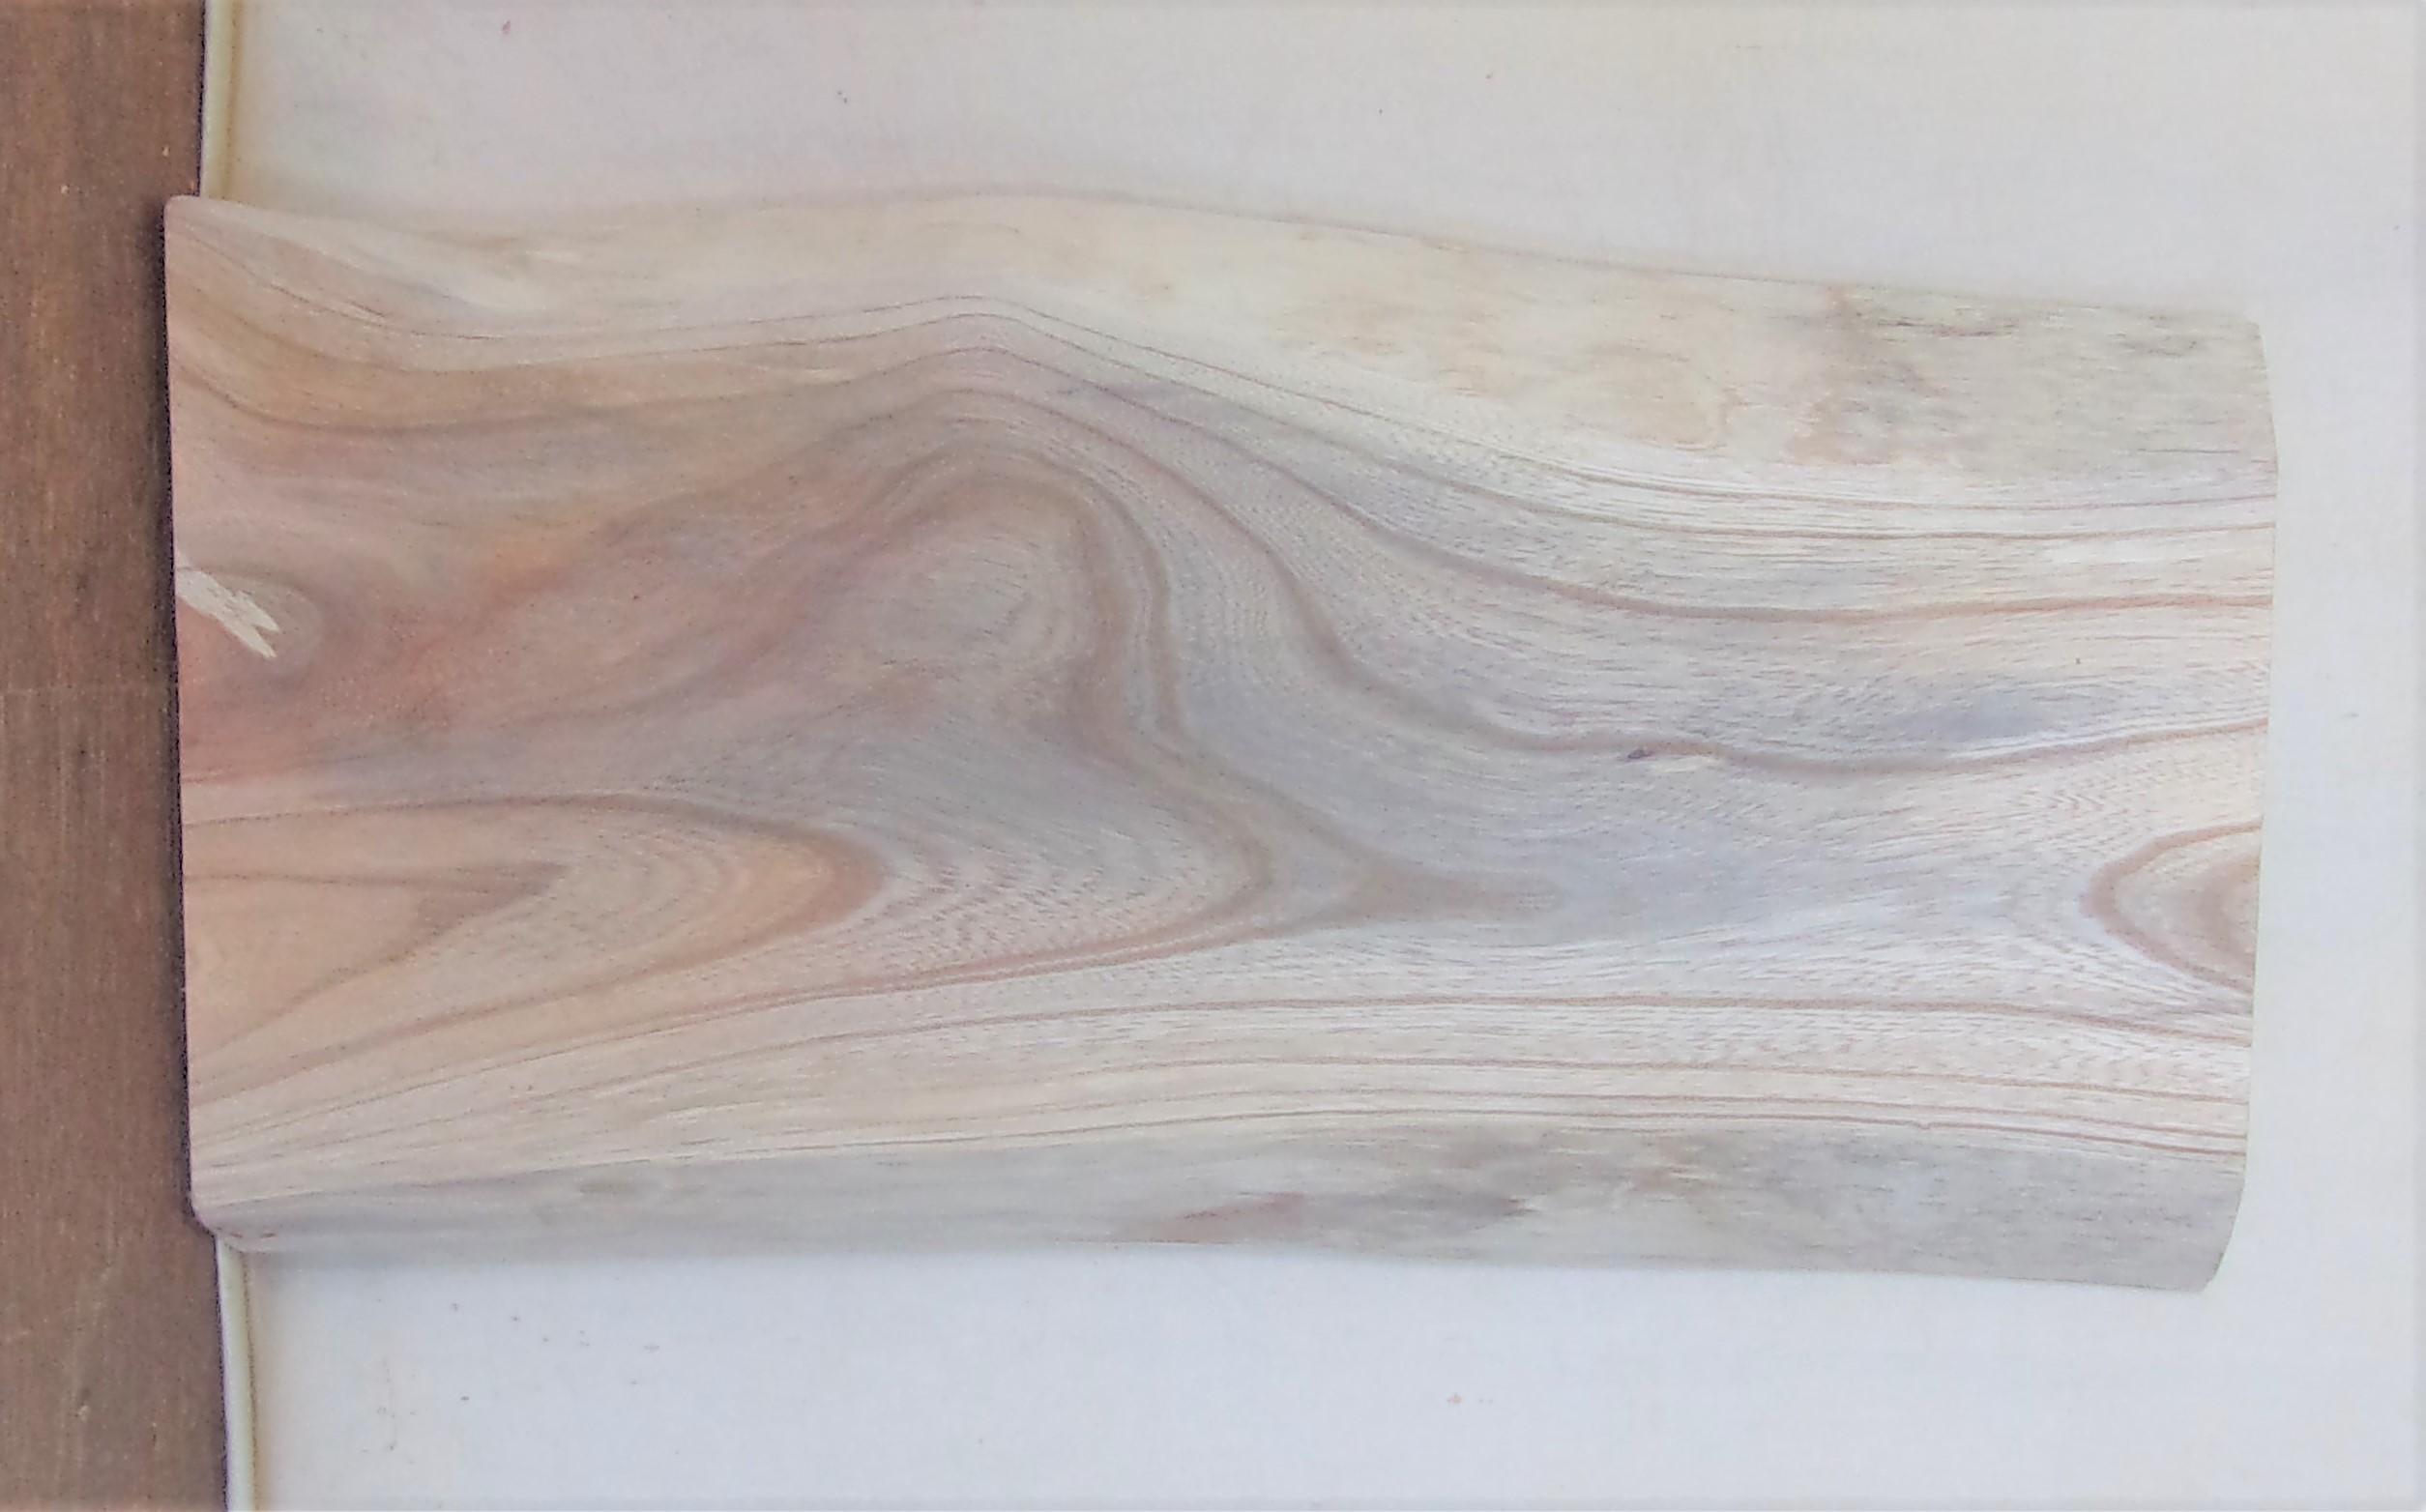 【送料・手数料無料】 山成林業 特小無垢一枚板 KE-606 ケヤキ看板に最適